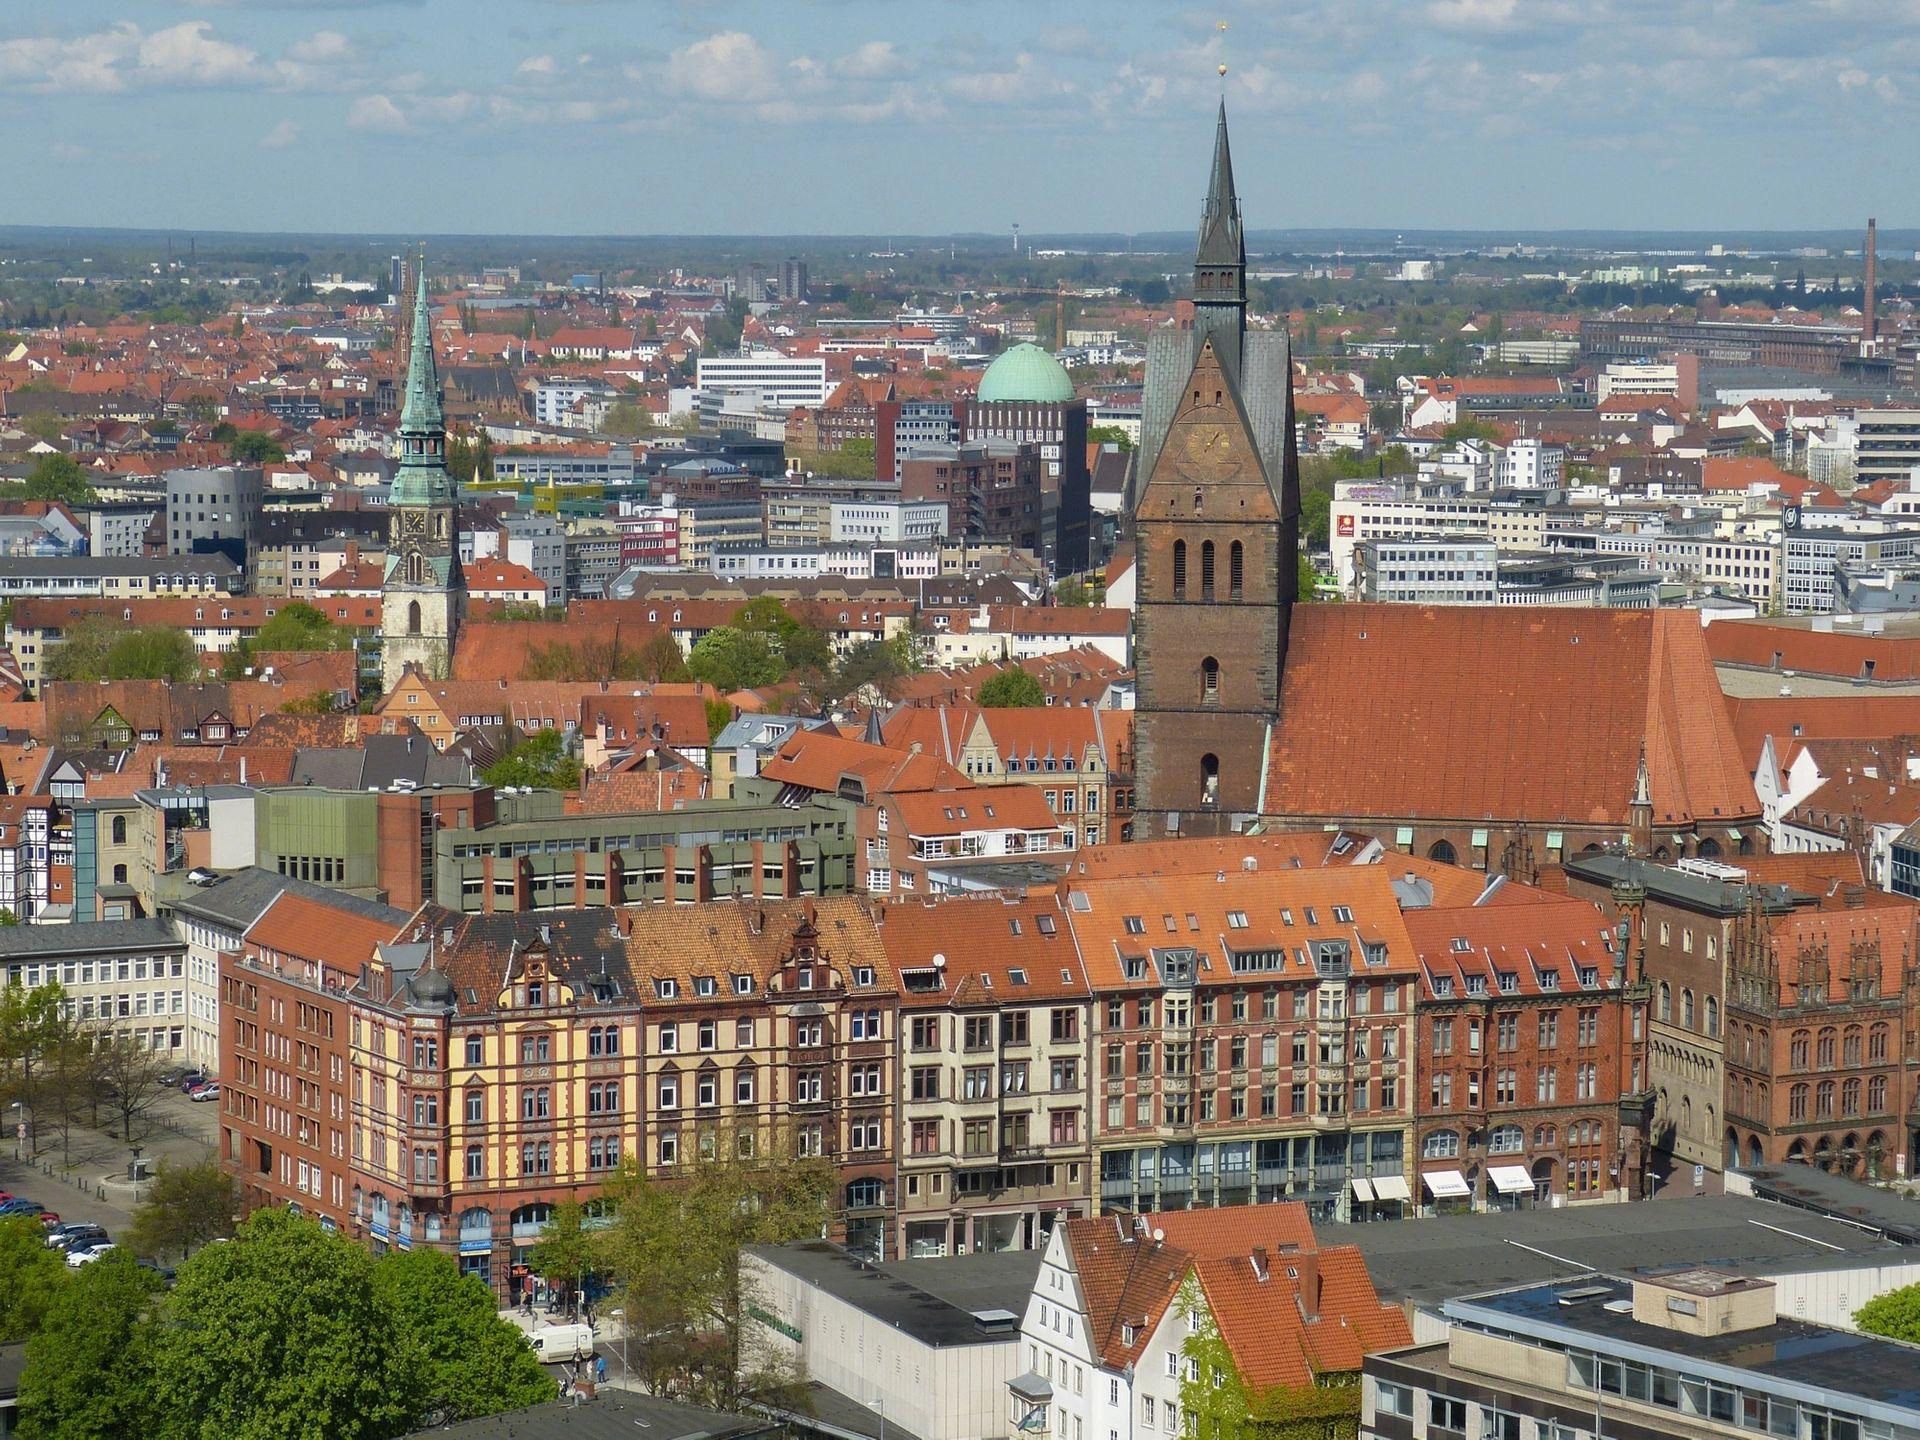 Anticimex Kammerjäger in Hannover